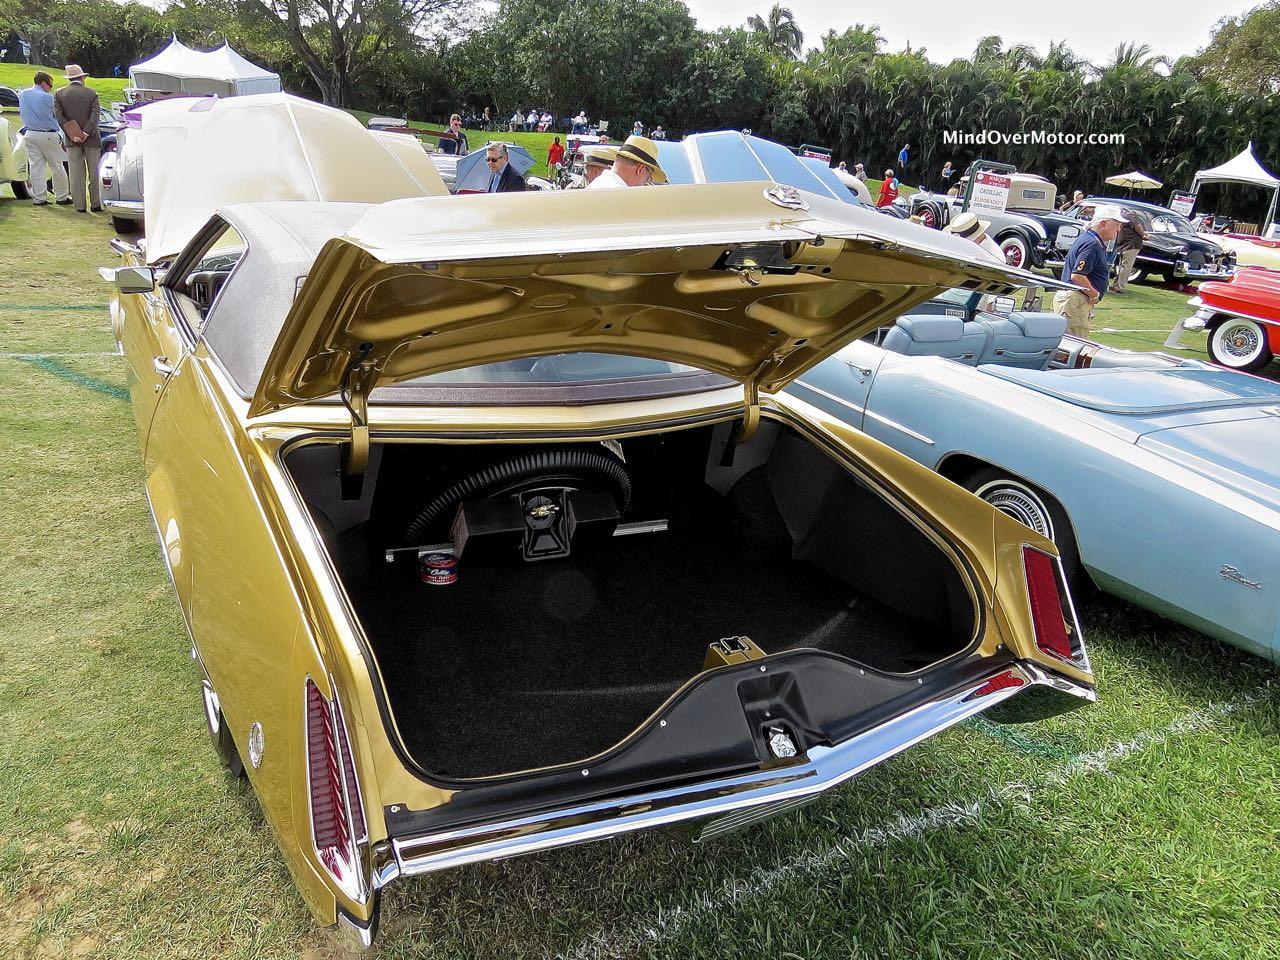 1968 Cadillac Eldorado Rear